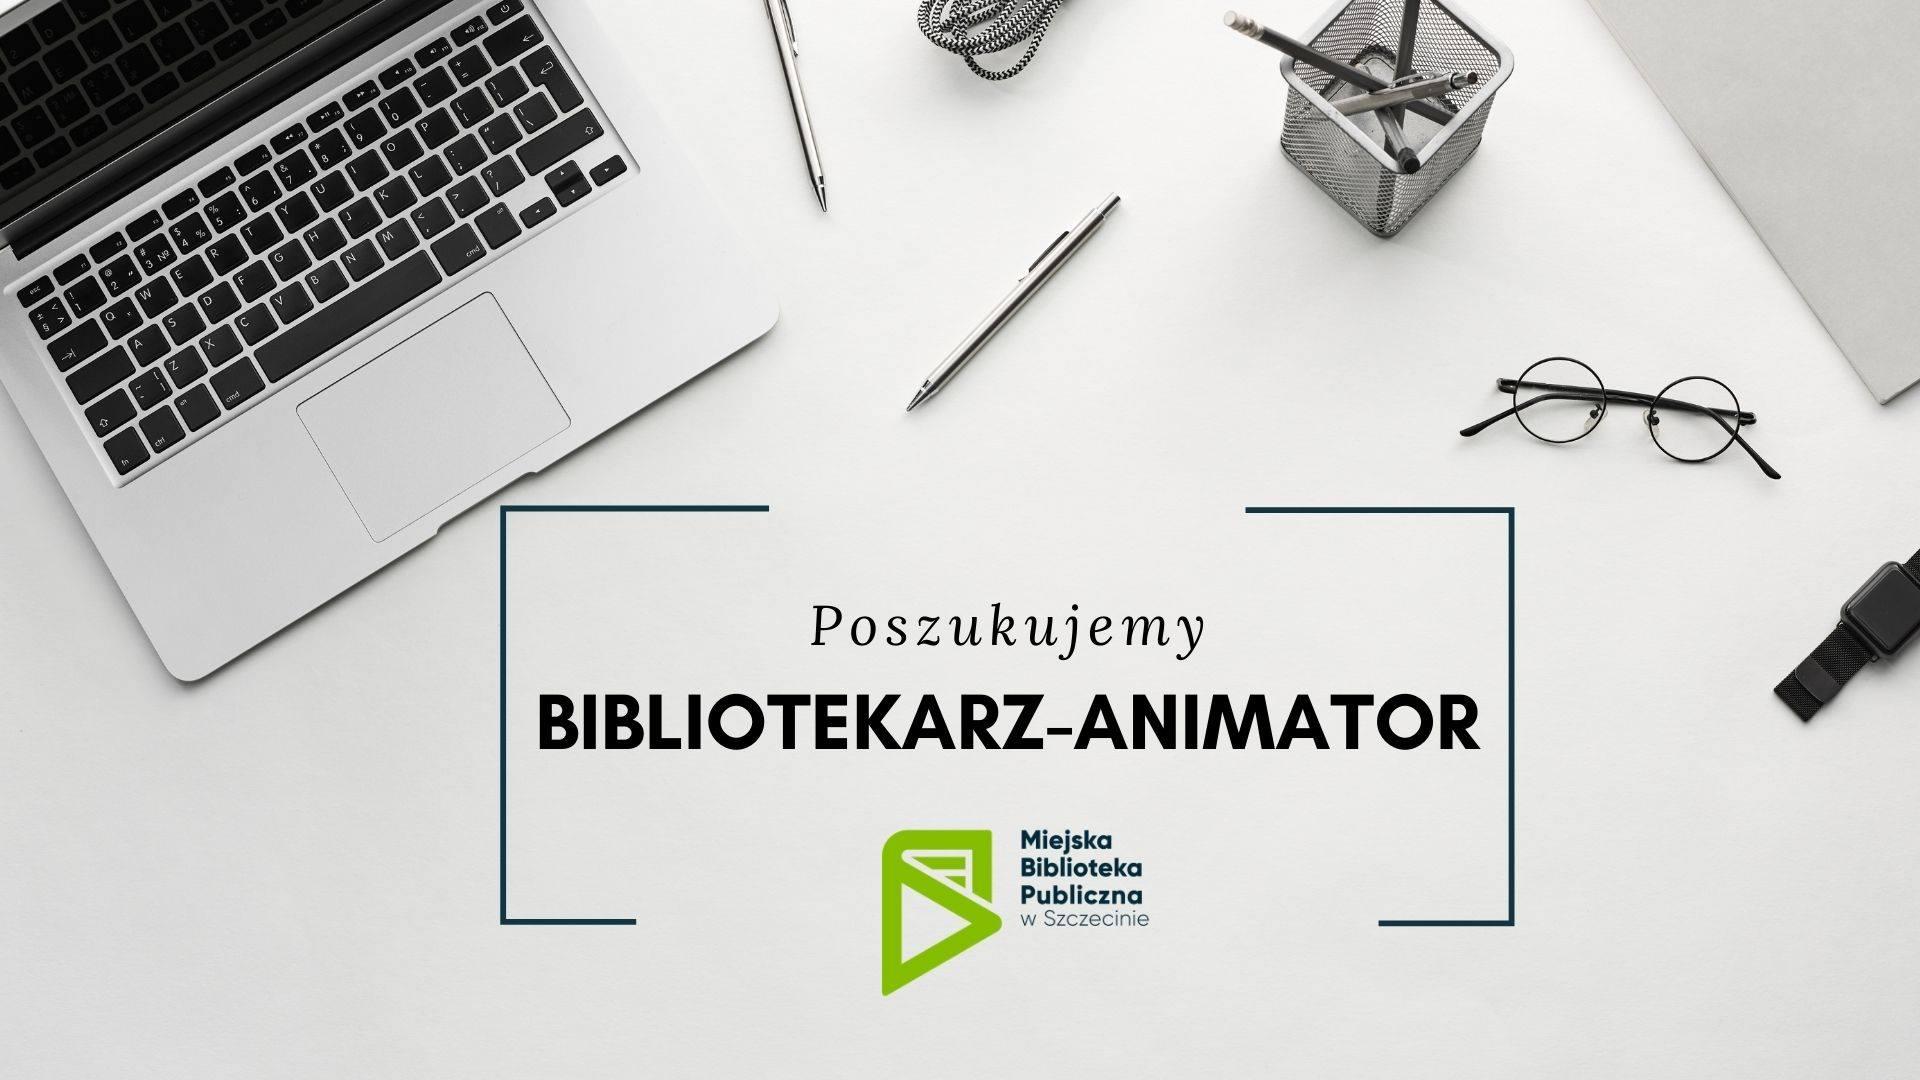 Bibliotekarz-animator poszukiwany!